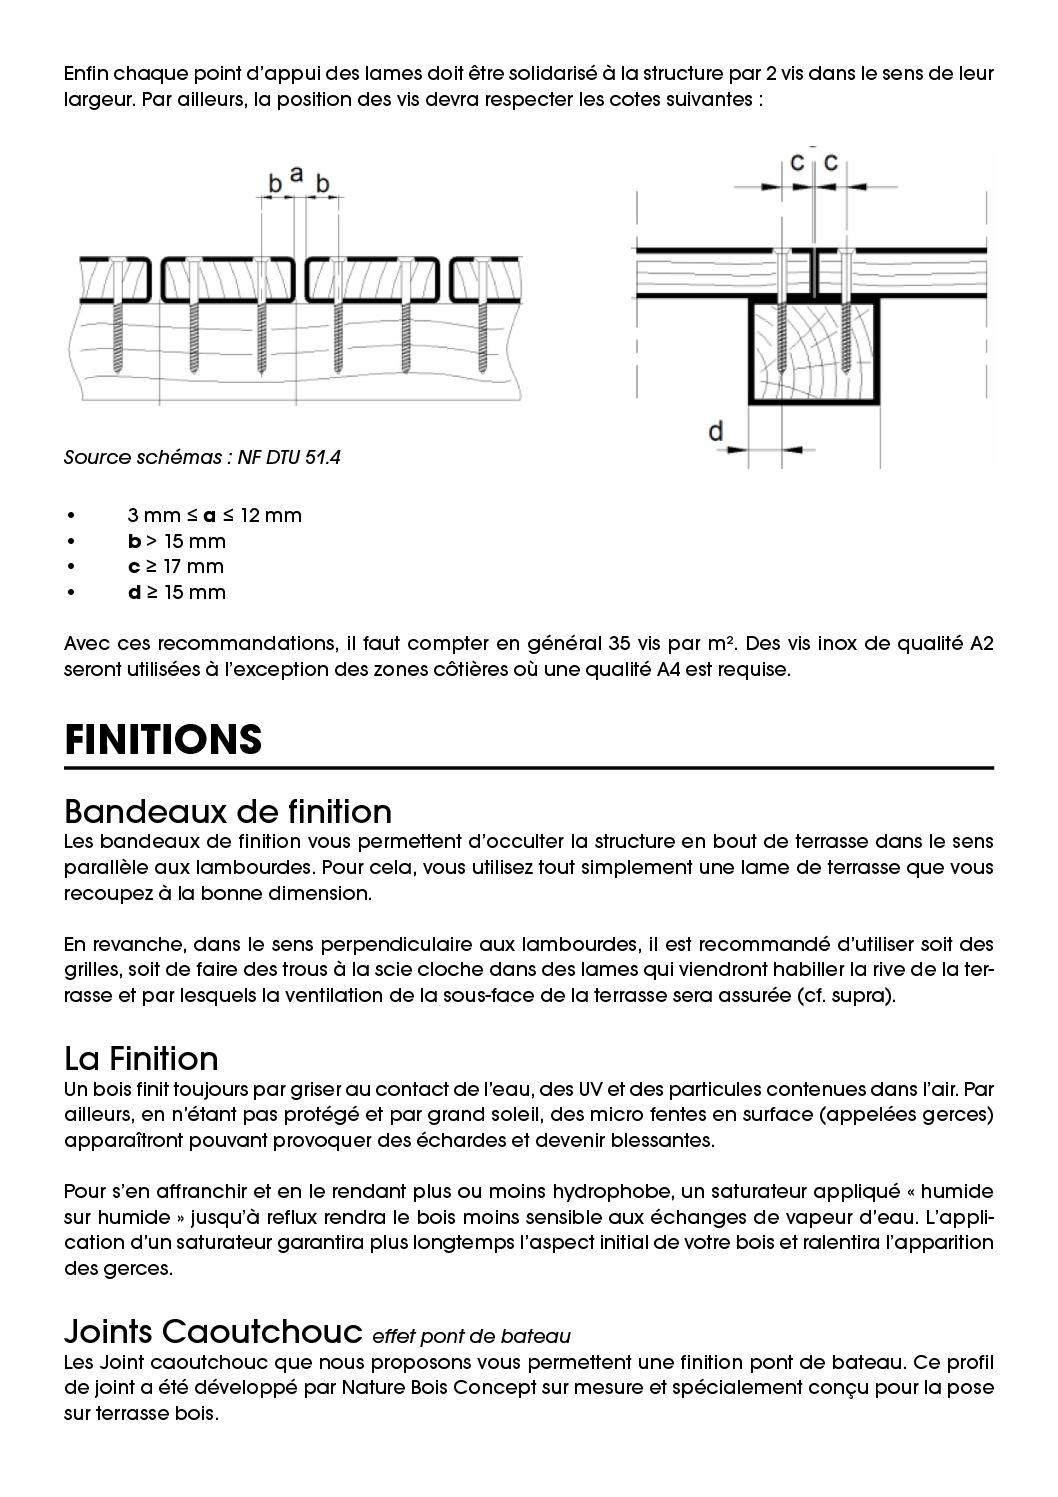 Vis inox a4 ou a2 vis pour terrasse exterieure en bois inox a with vis inox a4 ou a2 best - Des visses ou des vis ...